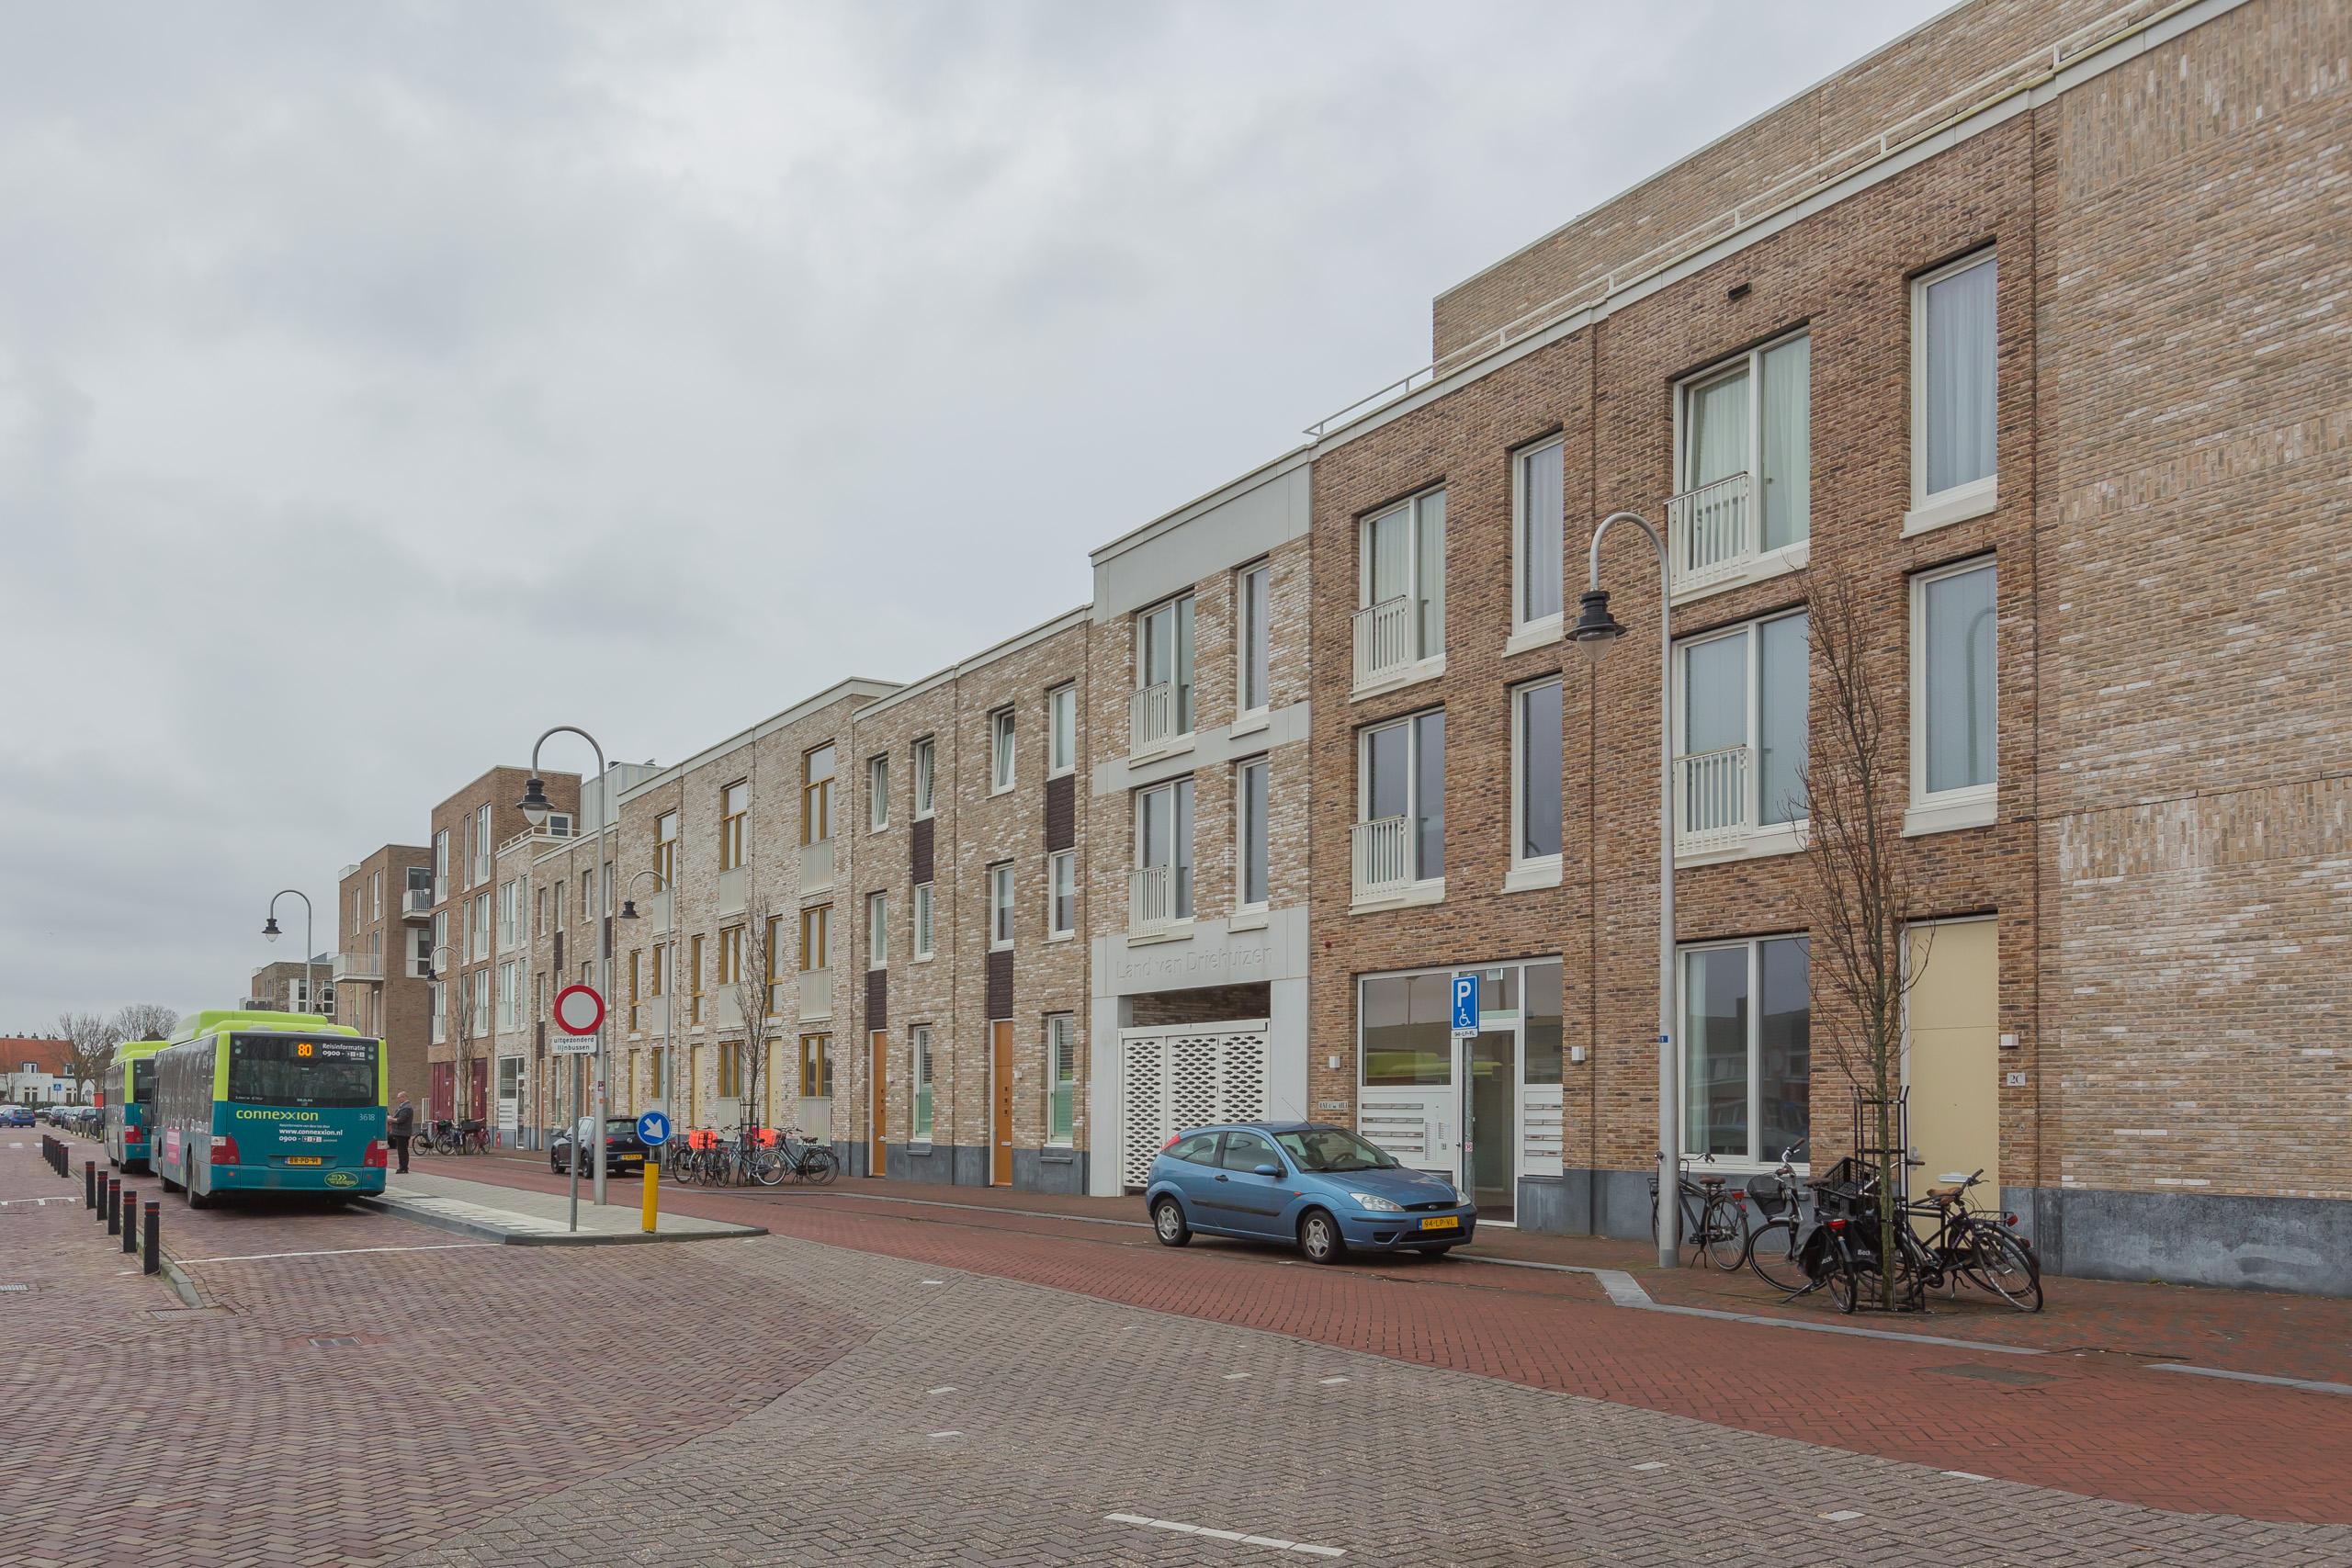 Prinsesseweg, Zandvoort